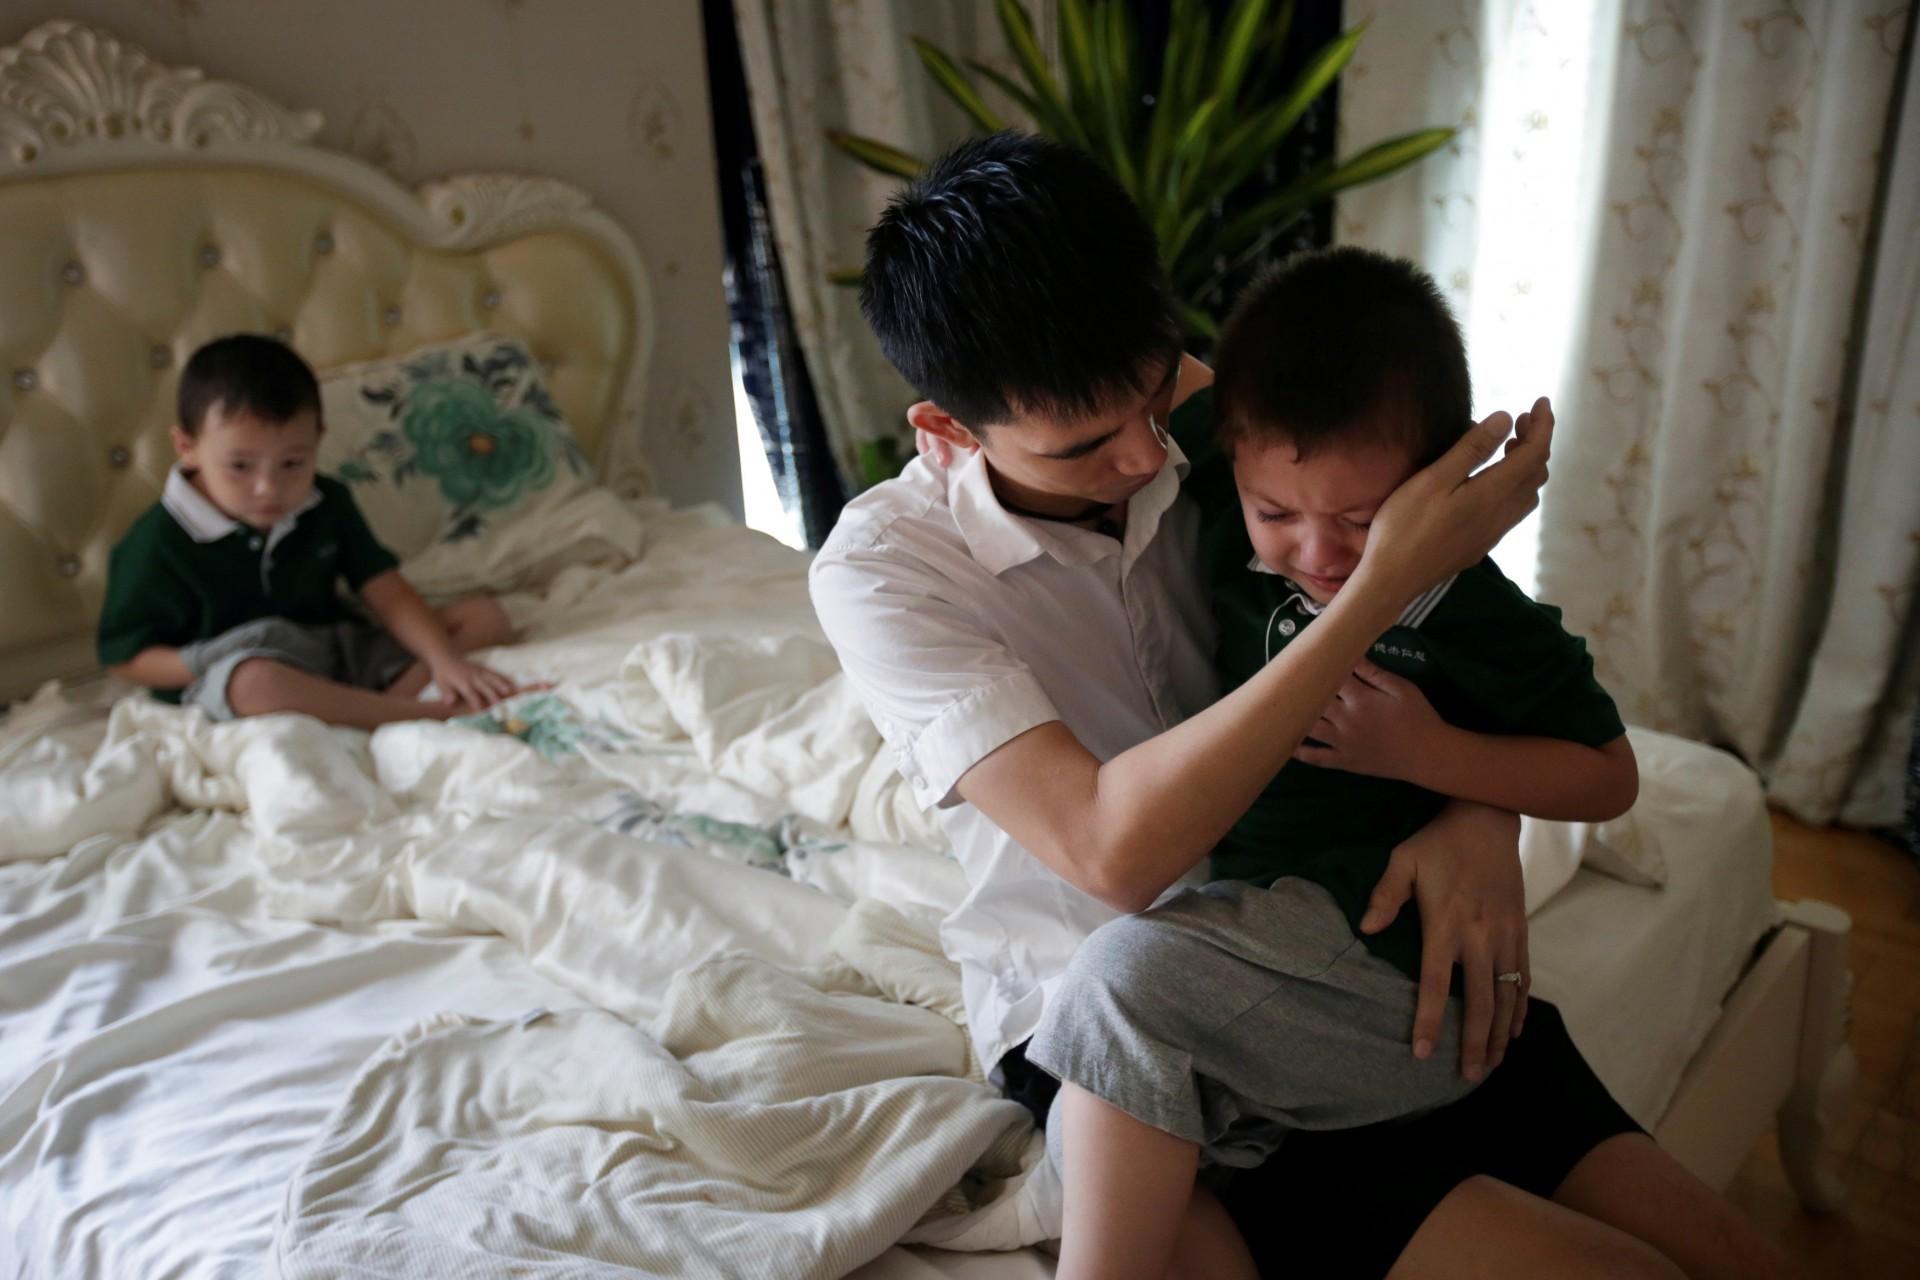 El compañerode An Hui, Ye Jianbin, apacigua a An Zhifei, uno de sus tres hijos.